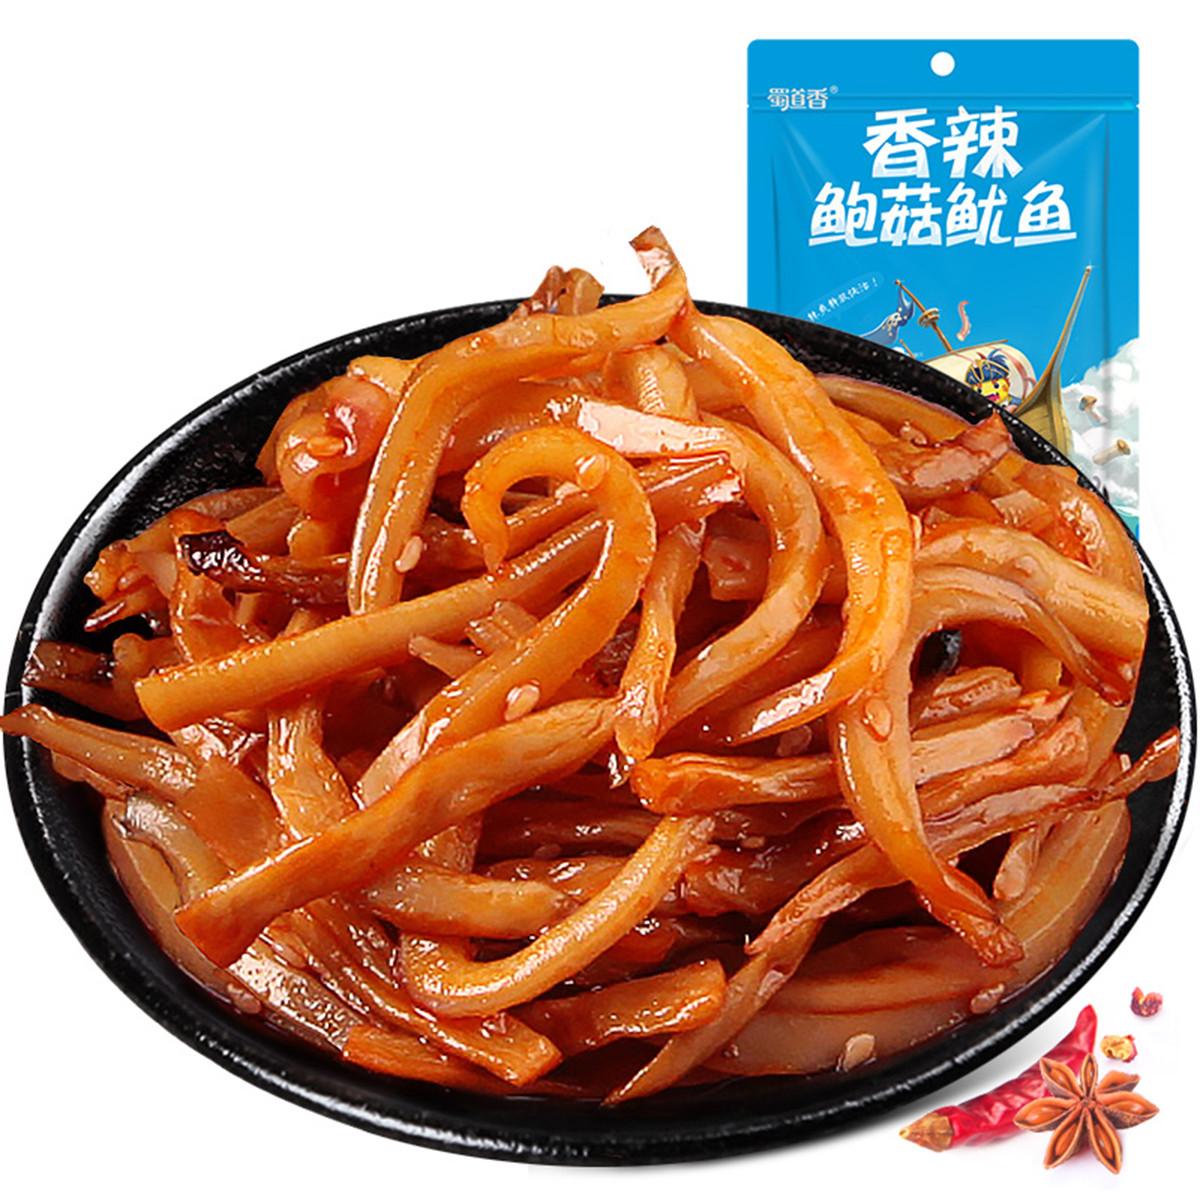 蜀道香蜀道香 香辣鲍菇鱿鱼60gx3 四川风味零食铺子小吃食品COLOR60gx3